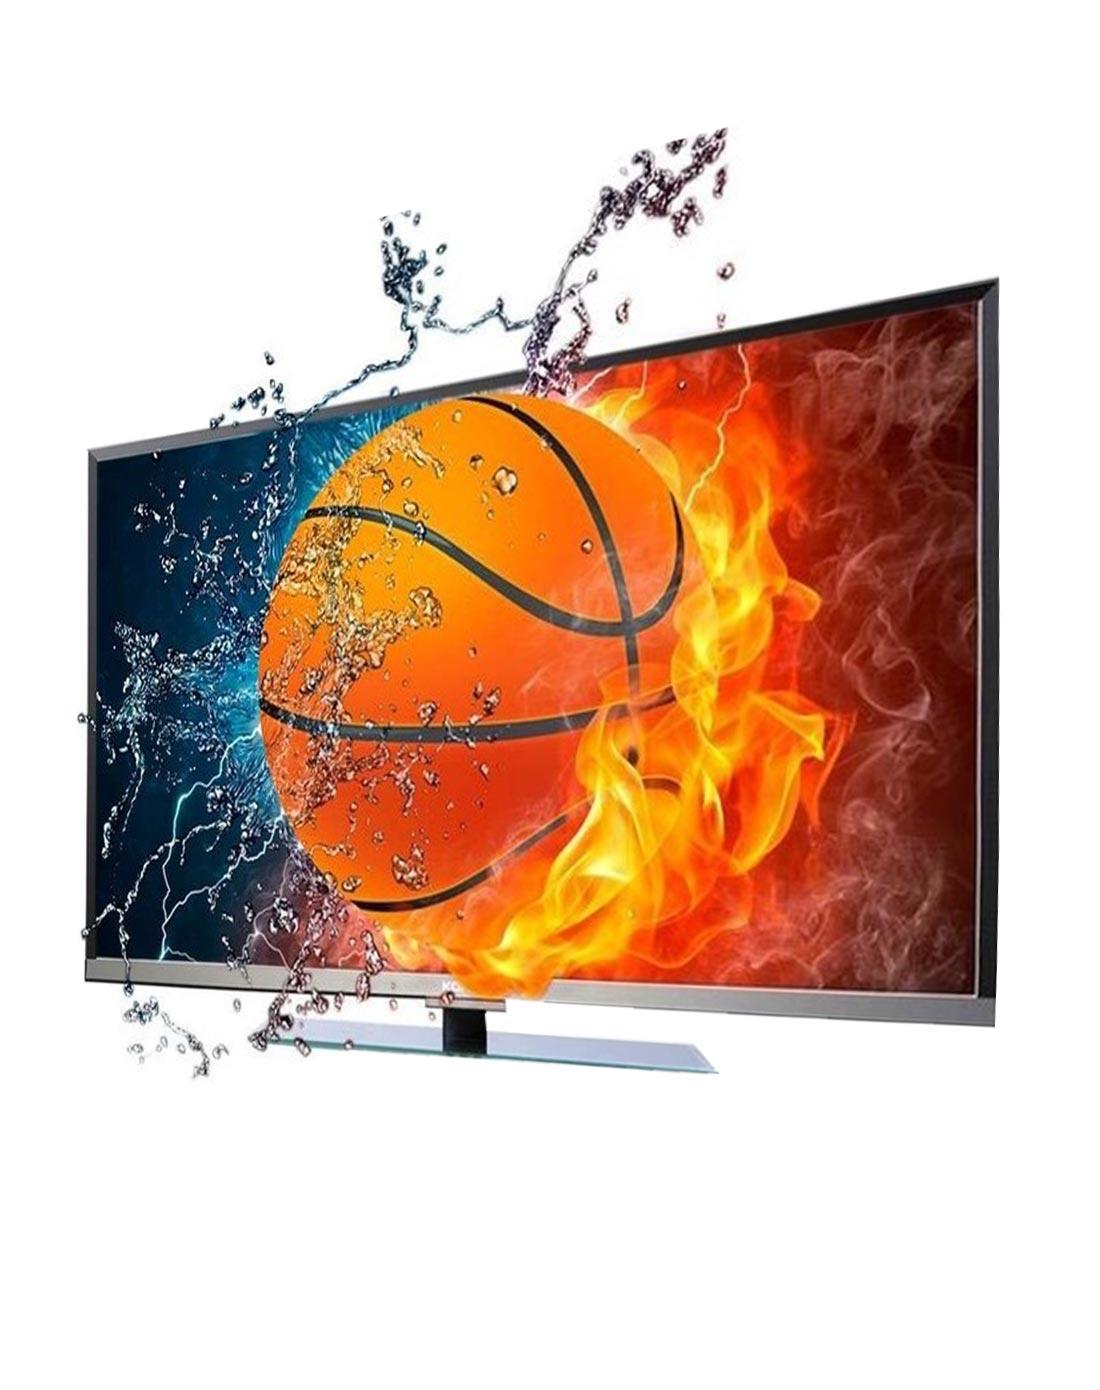 32寸高清网路智能3dled电视机(黑色)